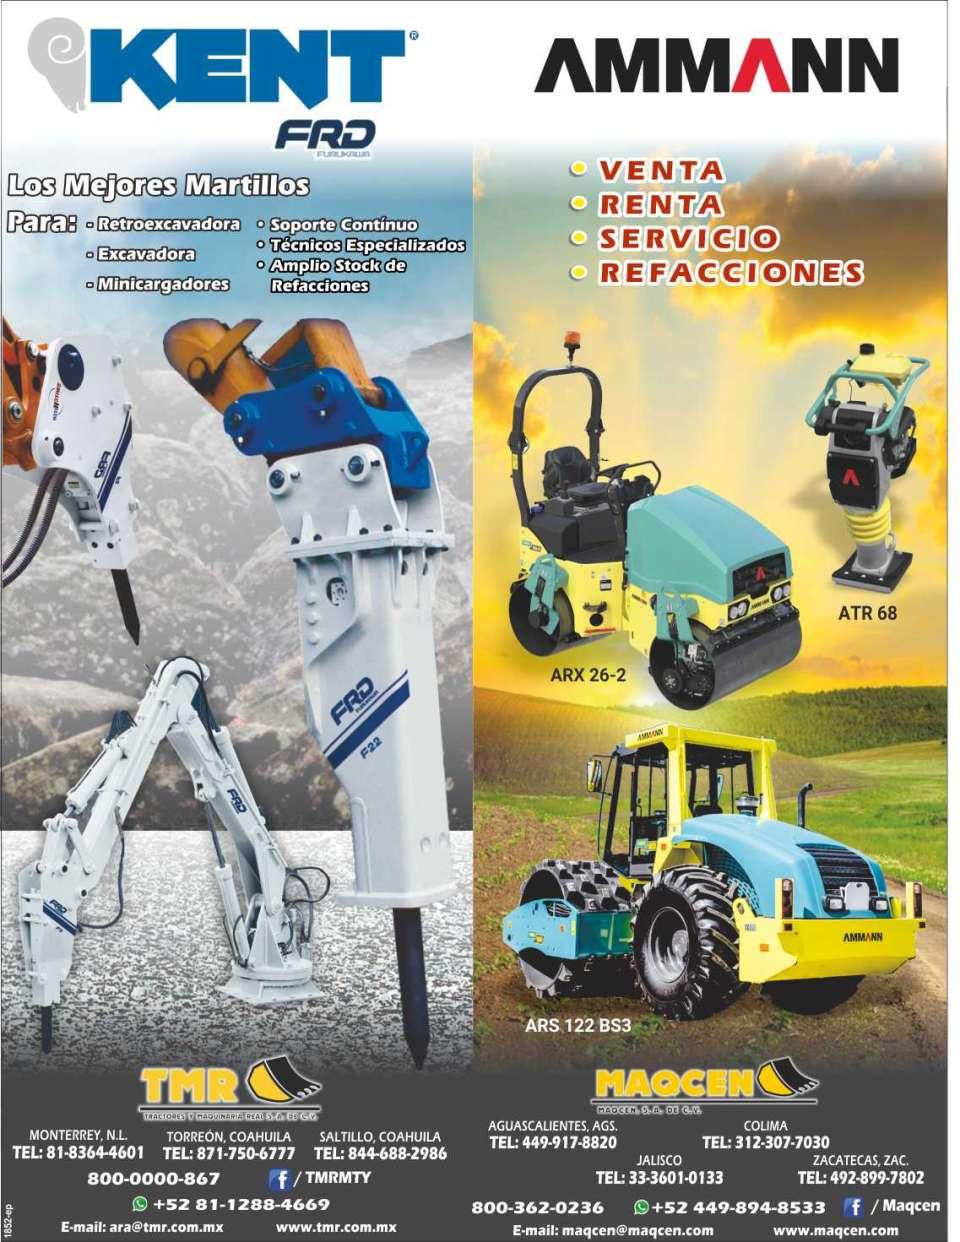 Tractores y Maquinaria Real. Los mejores martillos para retroexcavadoras, excavadoras, minicargadores. Compactadores en venta, renta, servicios, refacciones.